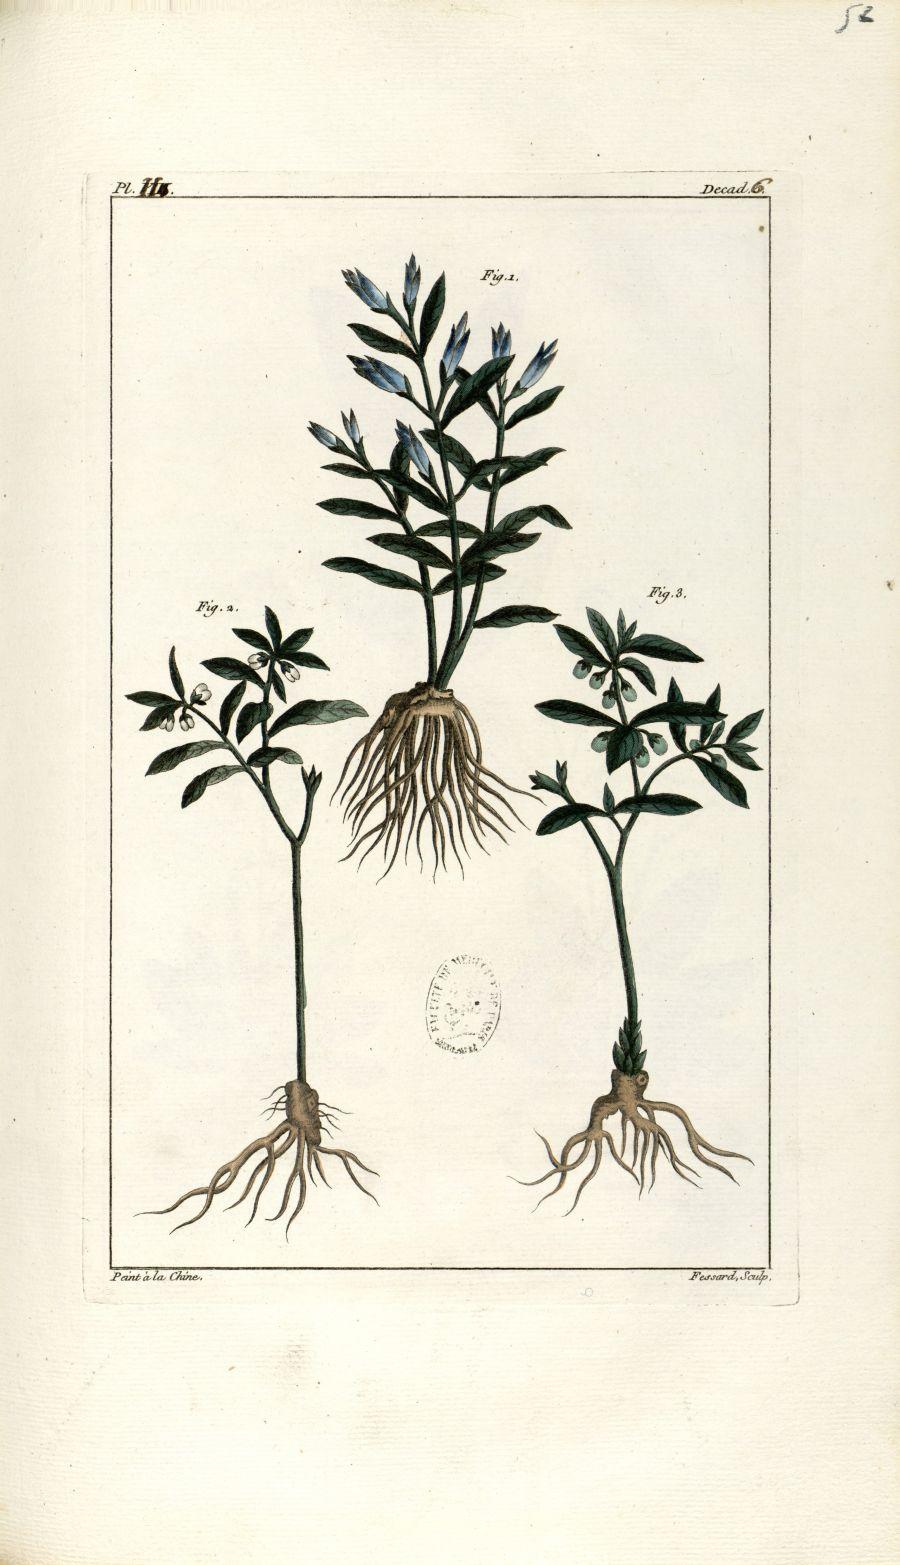 Planche II. Decad. 6 - Herbier ou collection des plantes médicinales de la Chine d'après un manuscri [...] - Botanique. Plantes (médecine). Chine. 18e siècle - med01989x0055